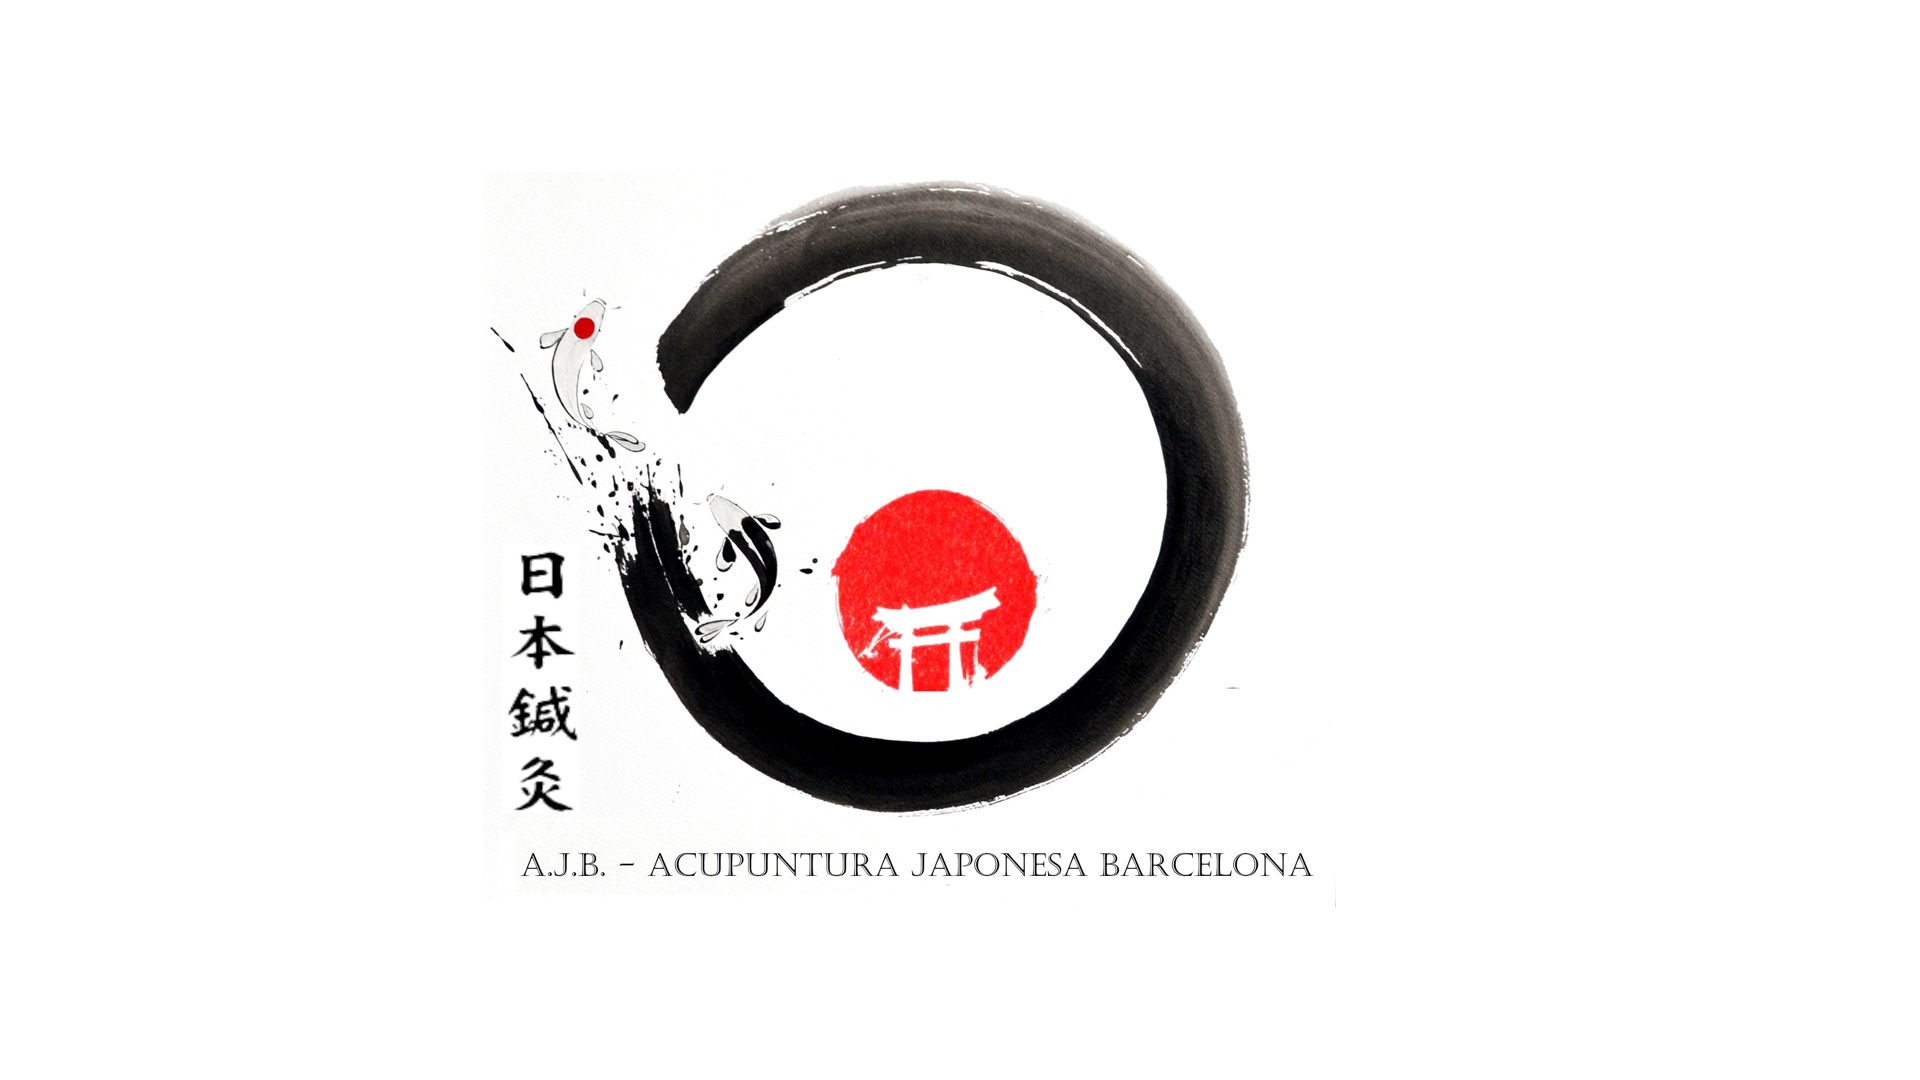 Shinkyu - Acupuntura Japonesa Barcelona: Formación 2018-2019